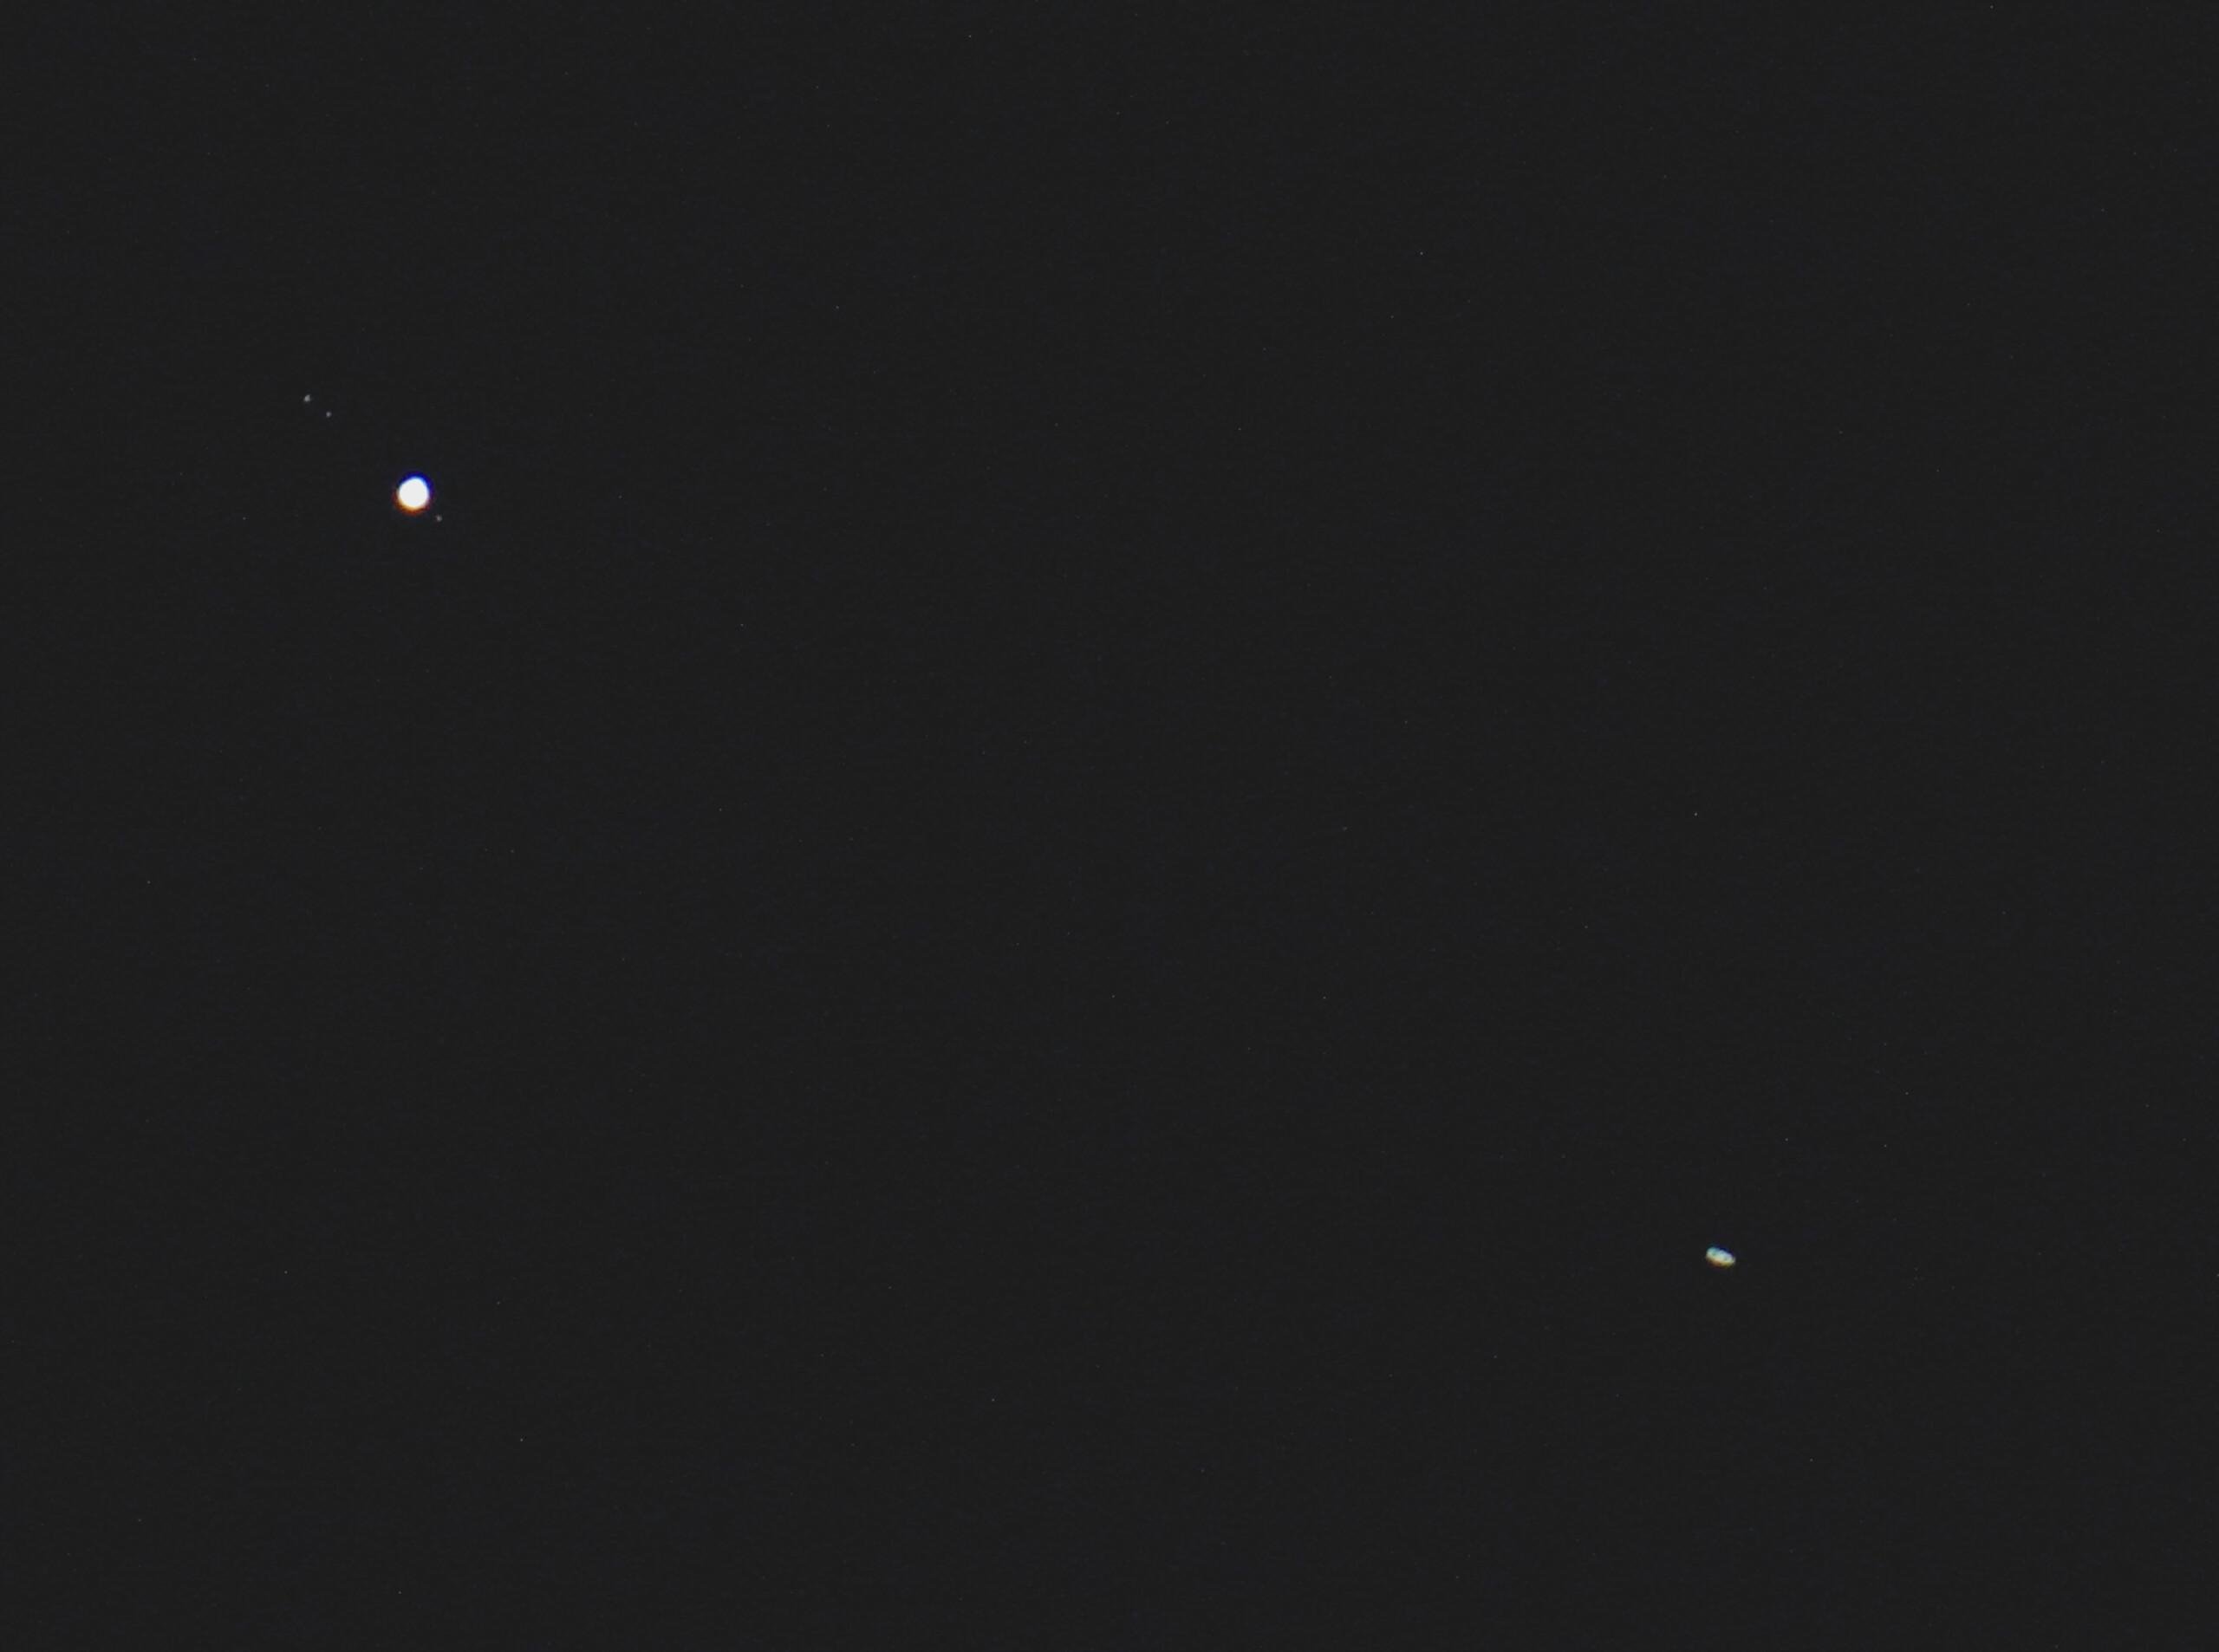 Jupiter i Saturn pet dana nakon konjunkcije, 26. prosinca, još uvijek u istom vidom polju teleskopa (foto Martin Vujić)